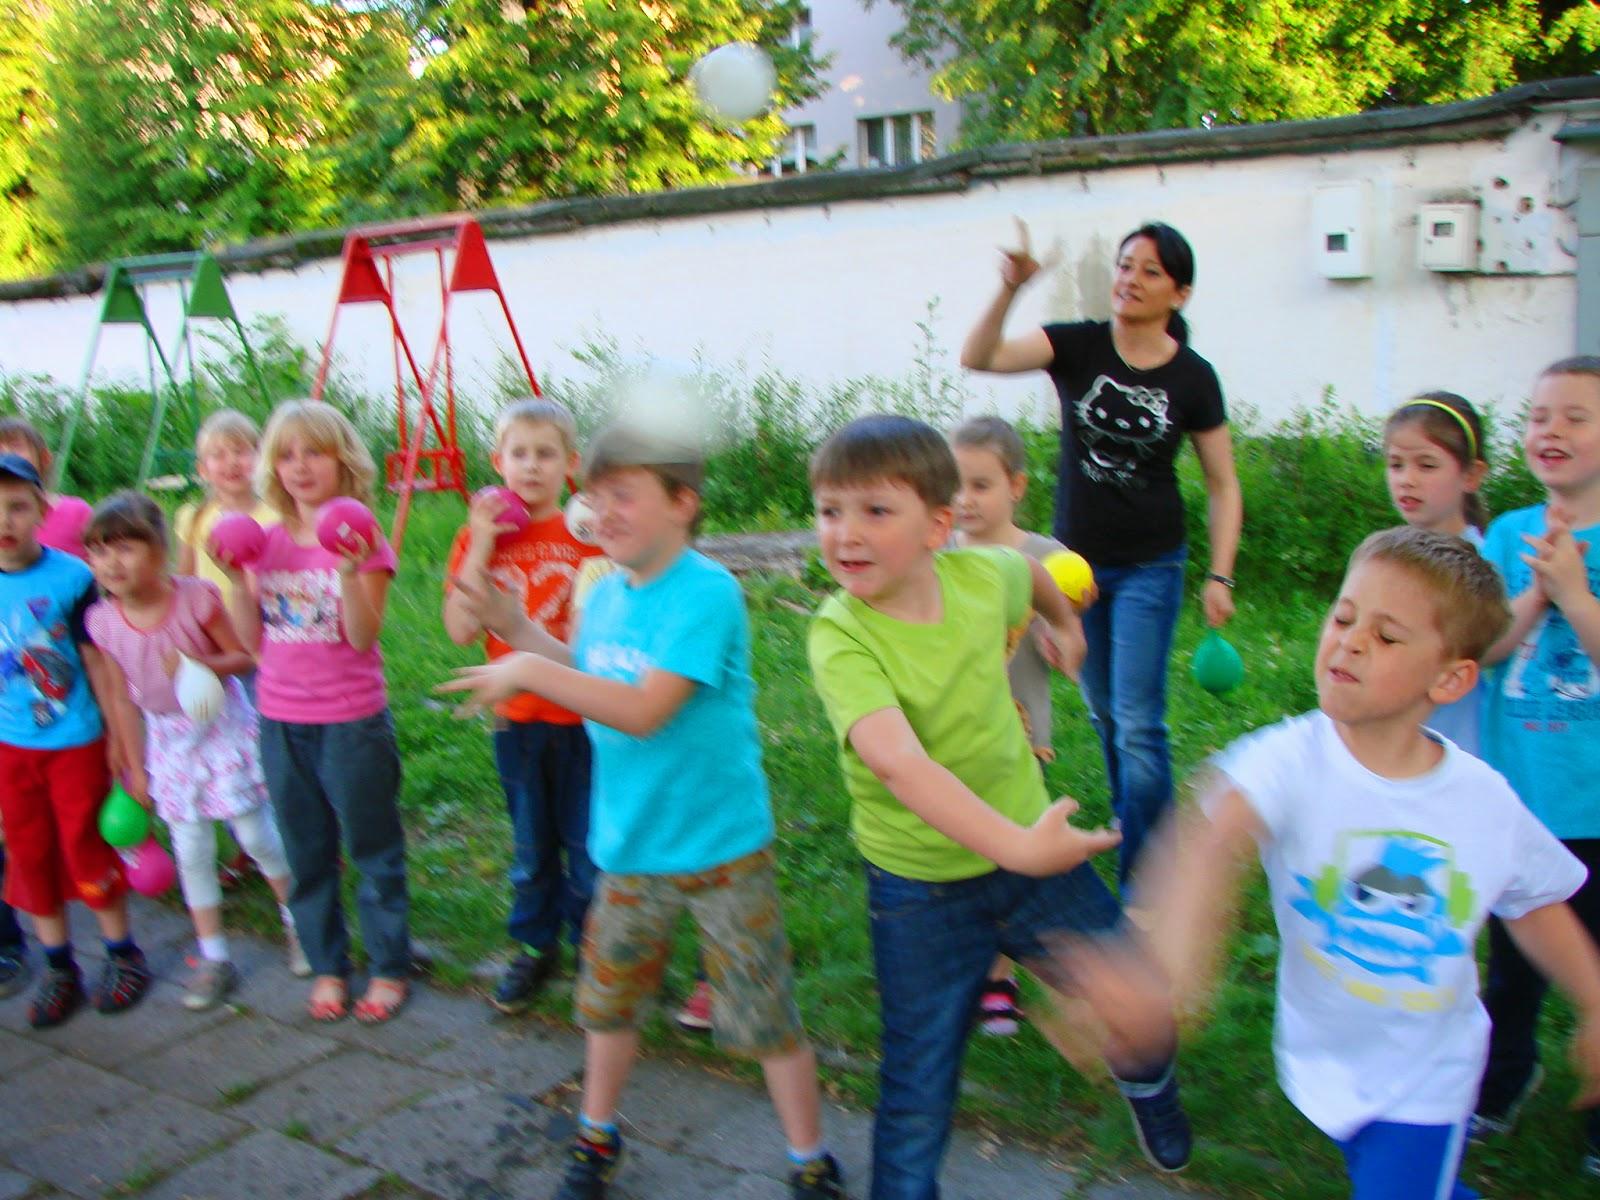 Praca z dziećmi, Scenariusze zajęć, zachowania dzieci, procesy grupowe, wpływ baśni, baśnie na warsztacie, Mateusz Świstak